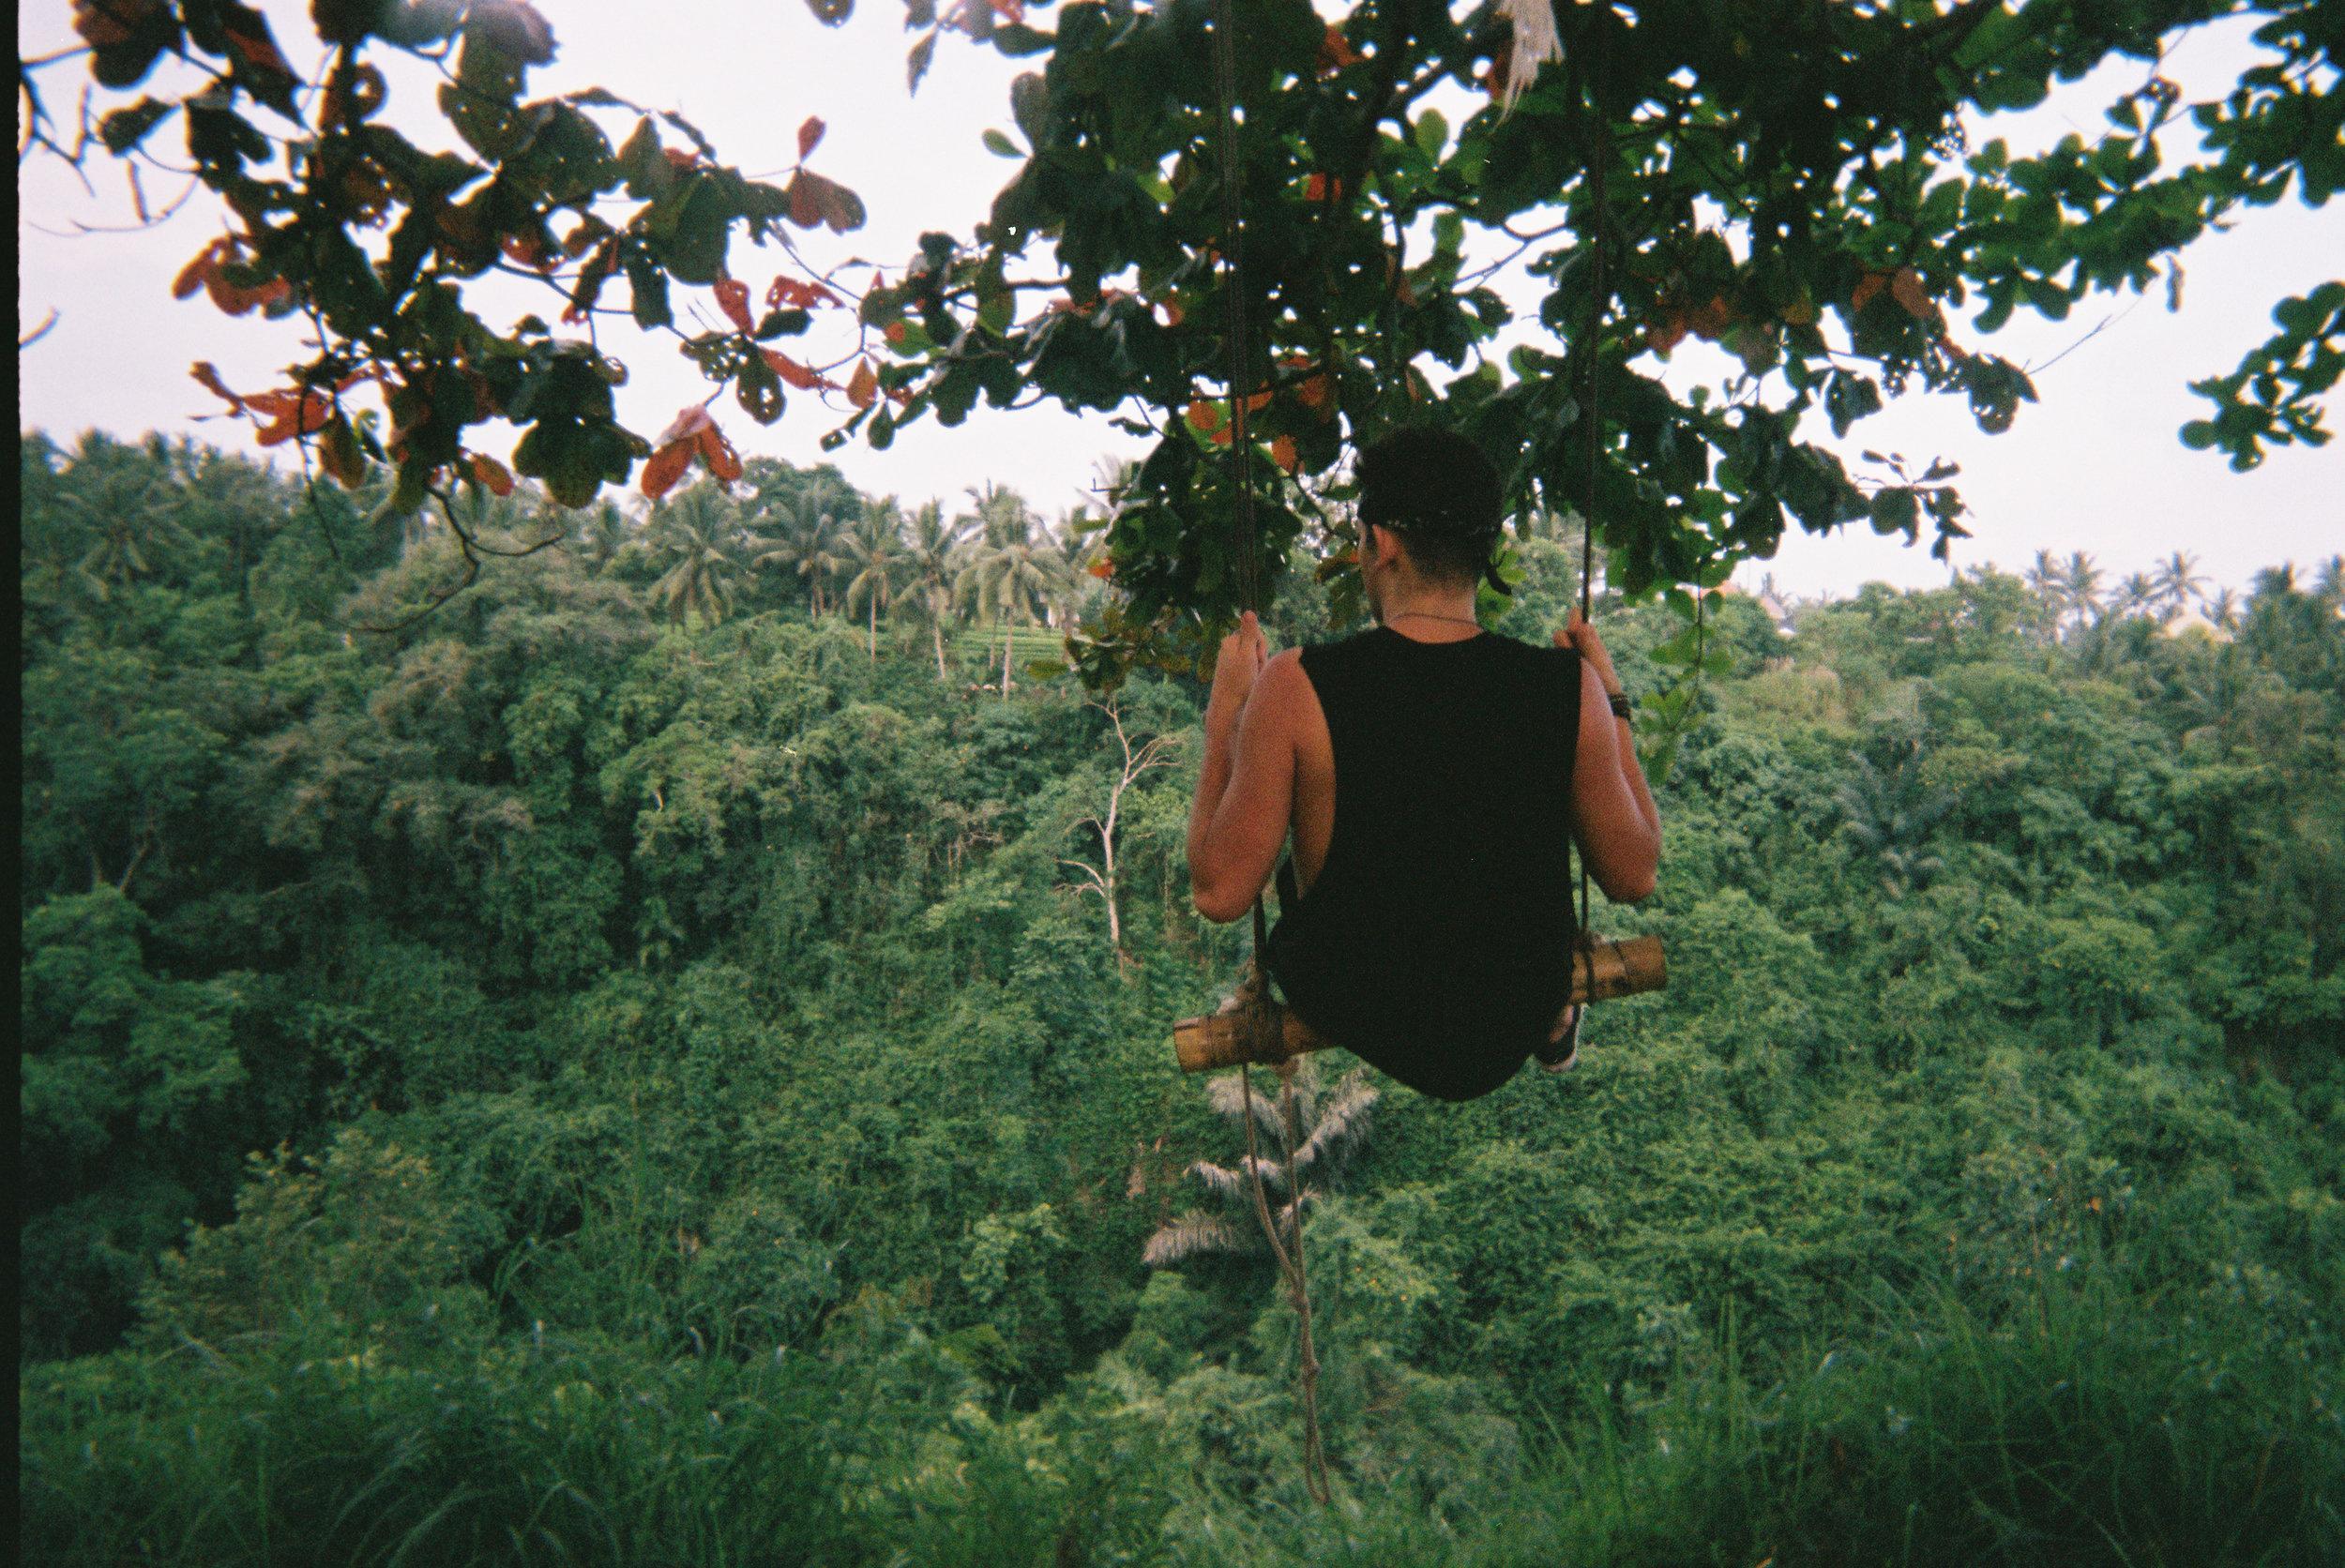 A lil jungle boy on a lil jungle swing